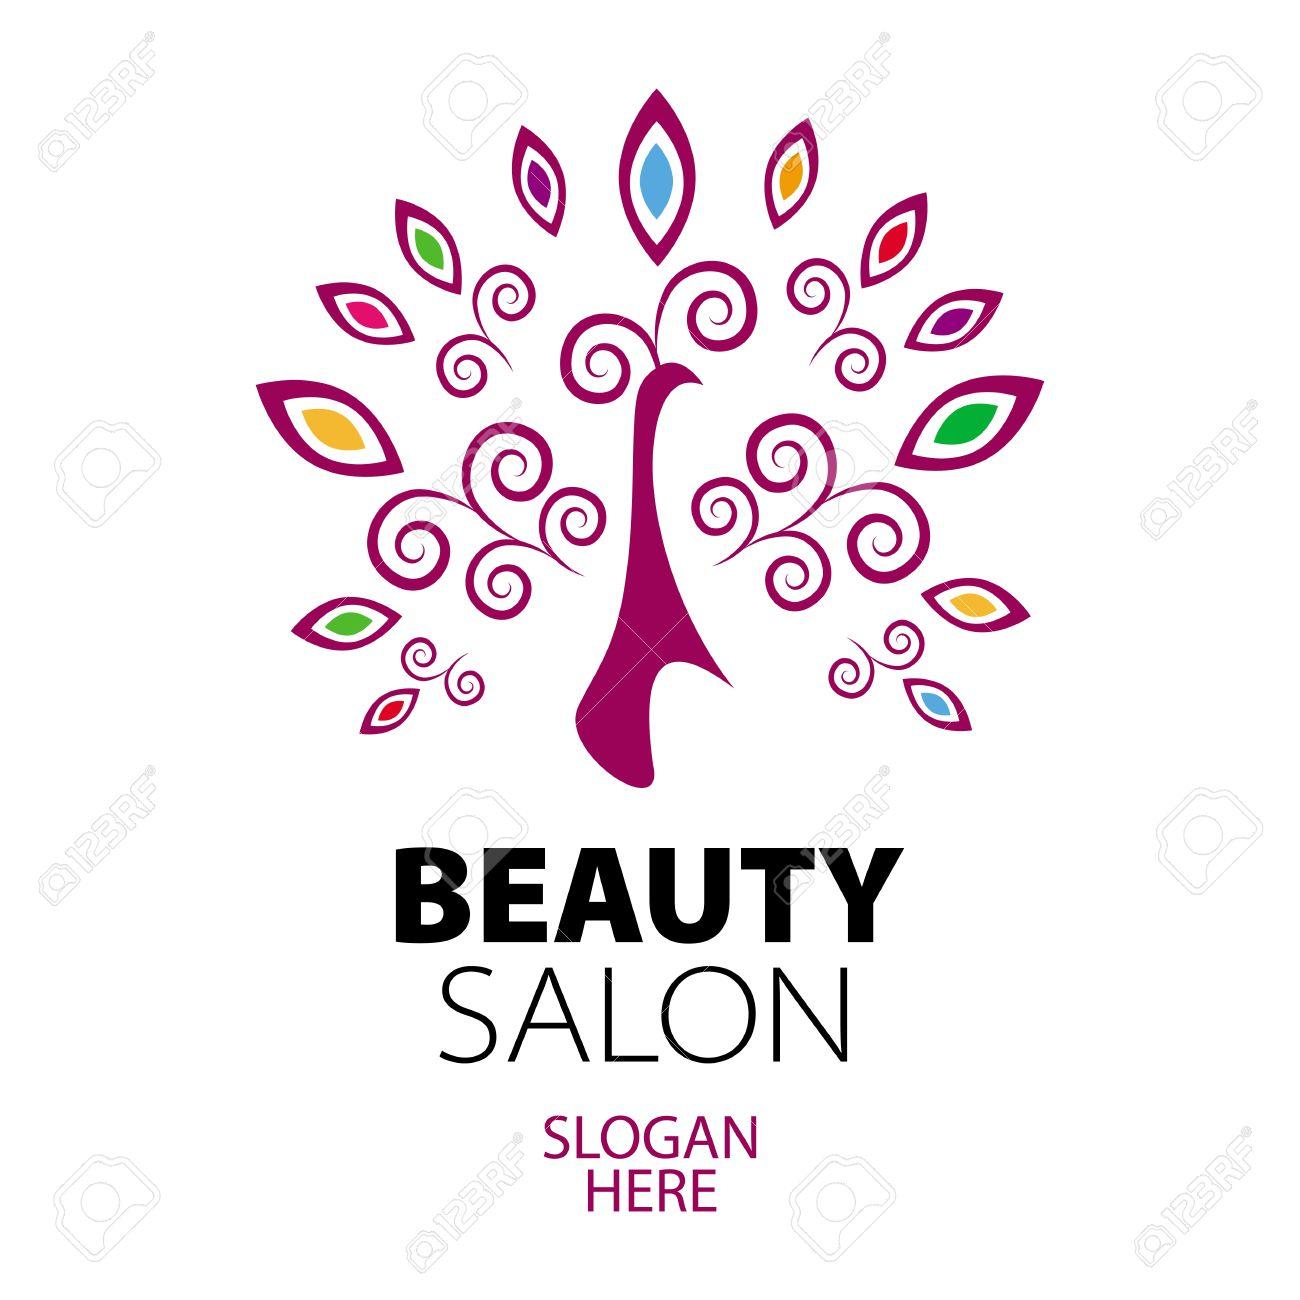 peacock logo for beauty salon Stock Vector - 20237220